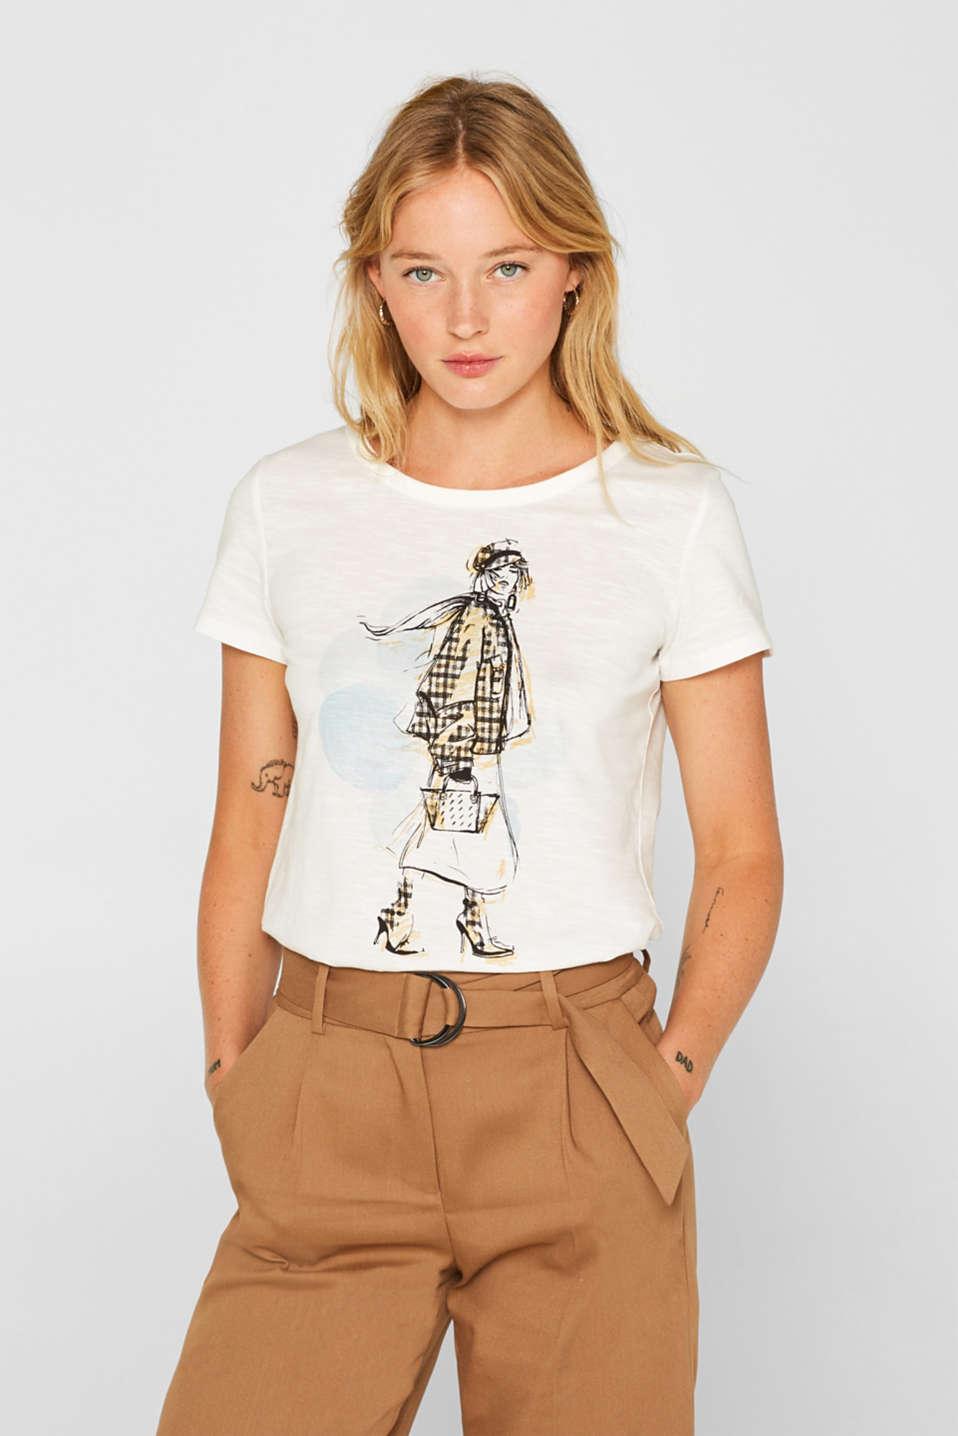 Esprit T Shirt mit Print, 100% Baumwolle im Online Shop kaufen